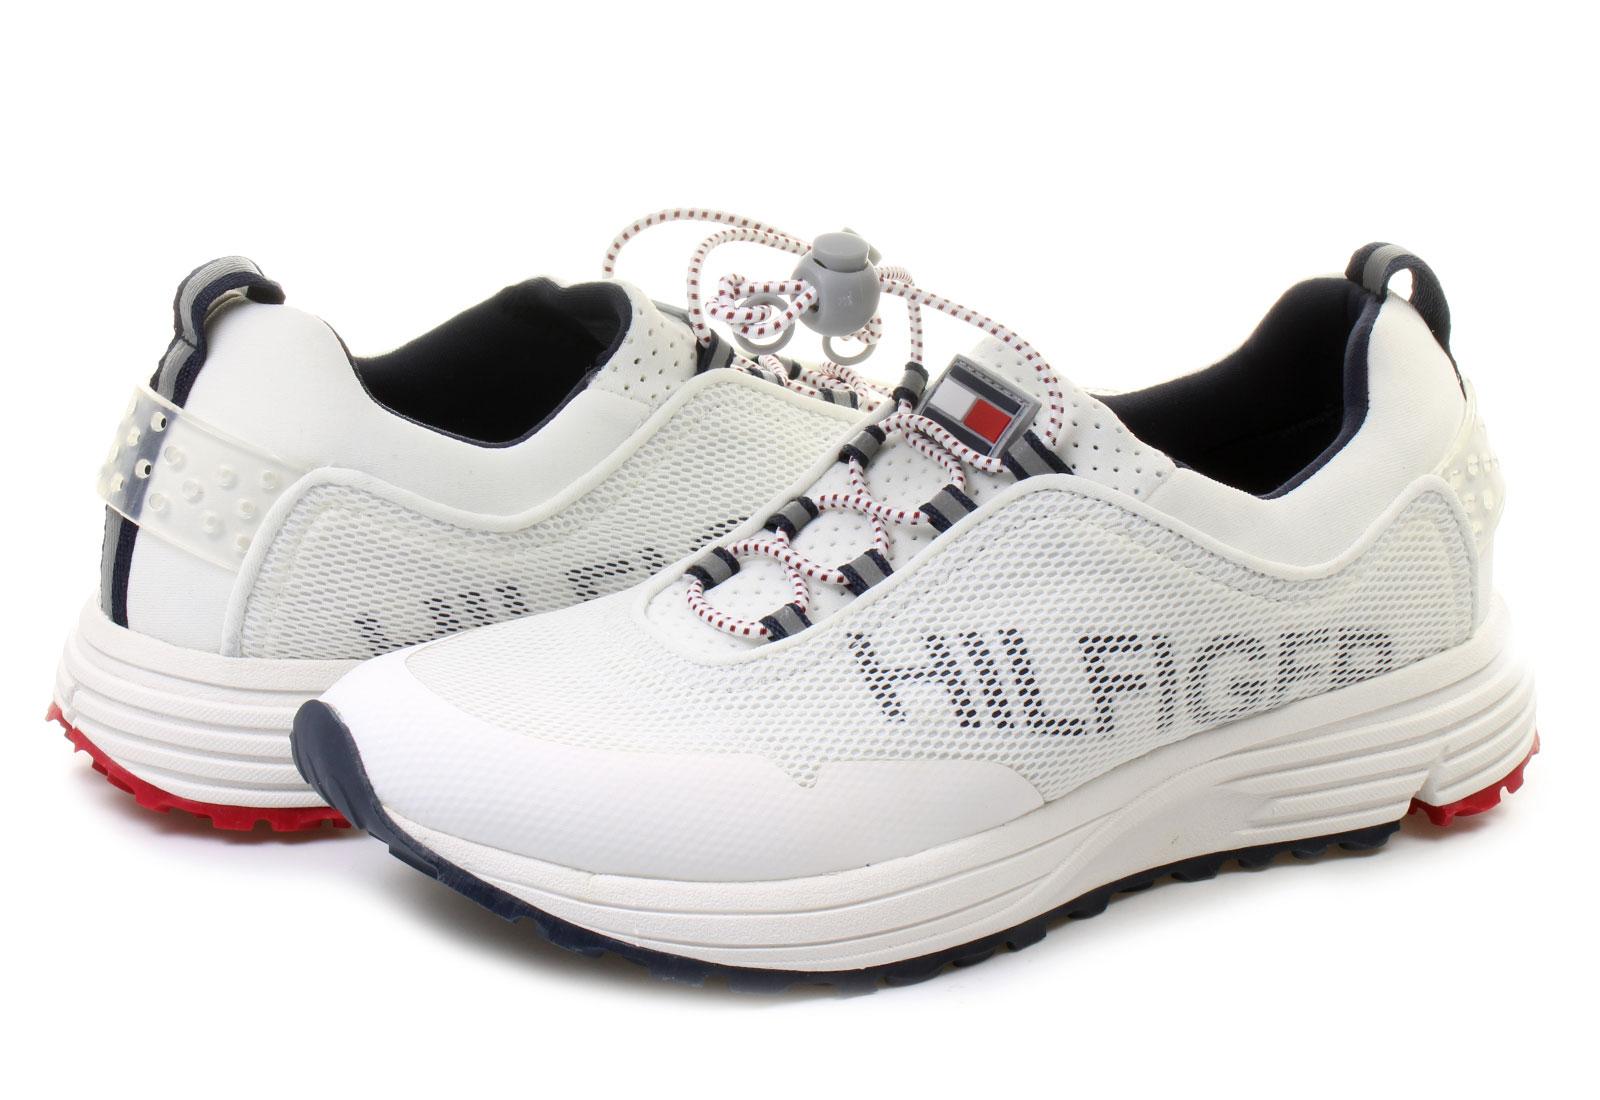 tommy hilfiger shoes hurdle 1d sport 16s 1084 100. Black Bedroom Furniture Sets. Home Design Ideas